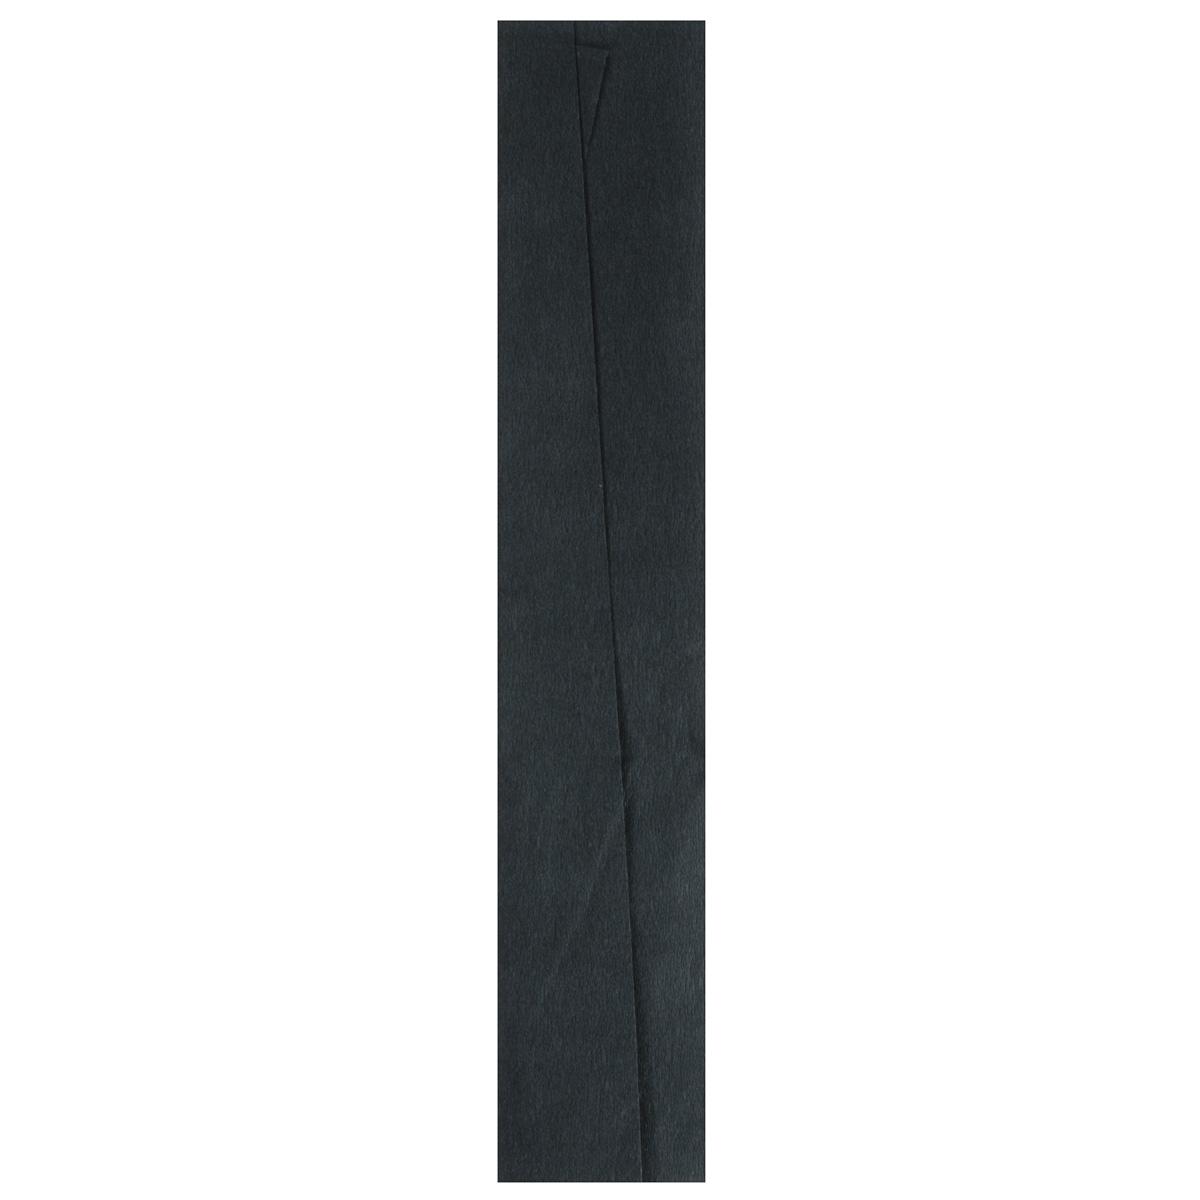 Бумага креповая Folia, цвет: черный (99), 50 см x 2,5 м7704392_99Бумага креповая Folia - прекрасный материал для декорирования, украшения интерьера, изготовления искусственных цветов, эффектной упаковки и различных поделок. Бумага прекрасно держит форму, отлично крепится и замечательно подходит для изготовления праздничной упаковки для цветов.